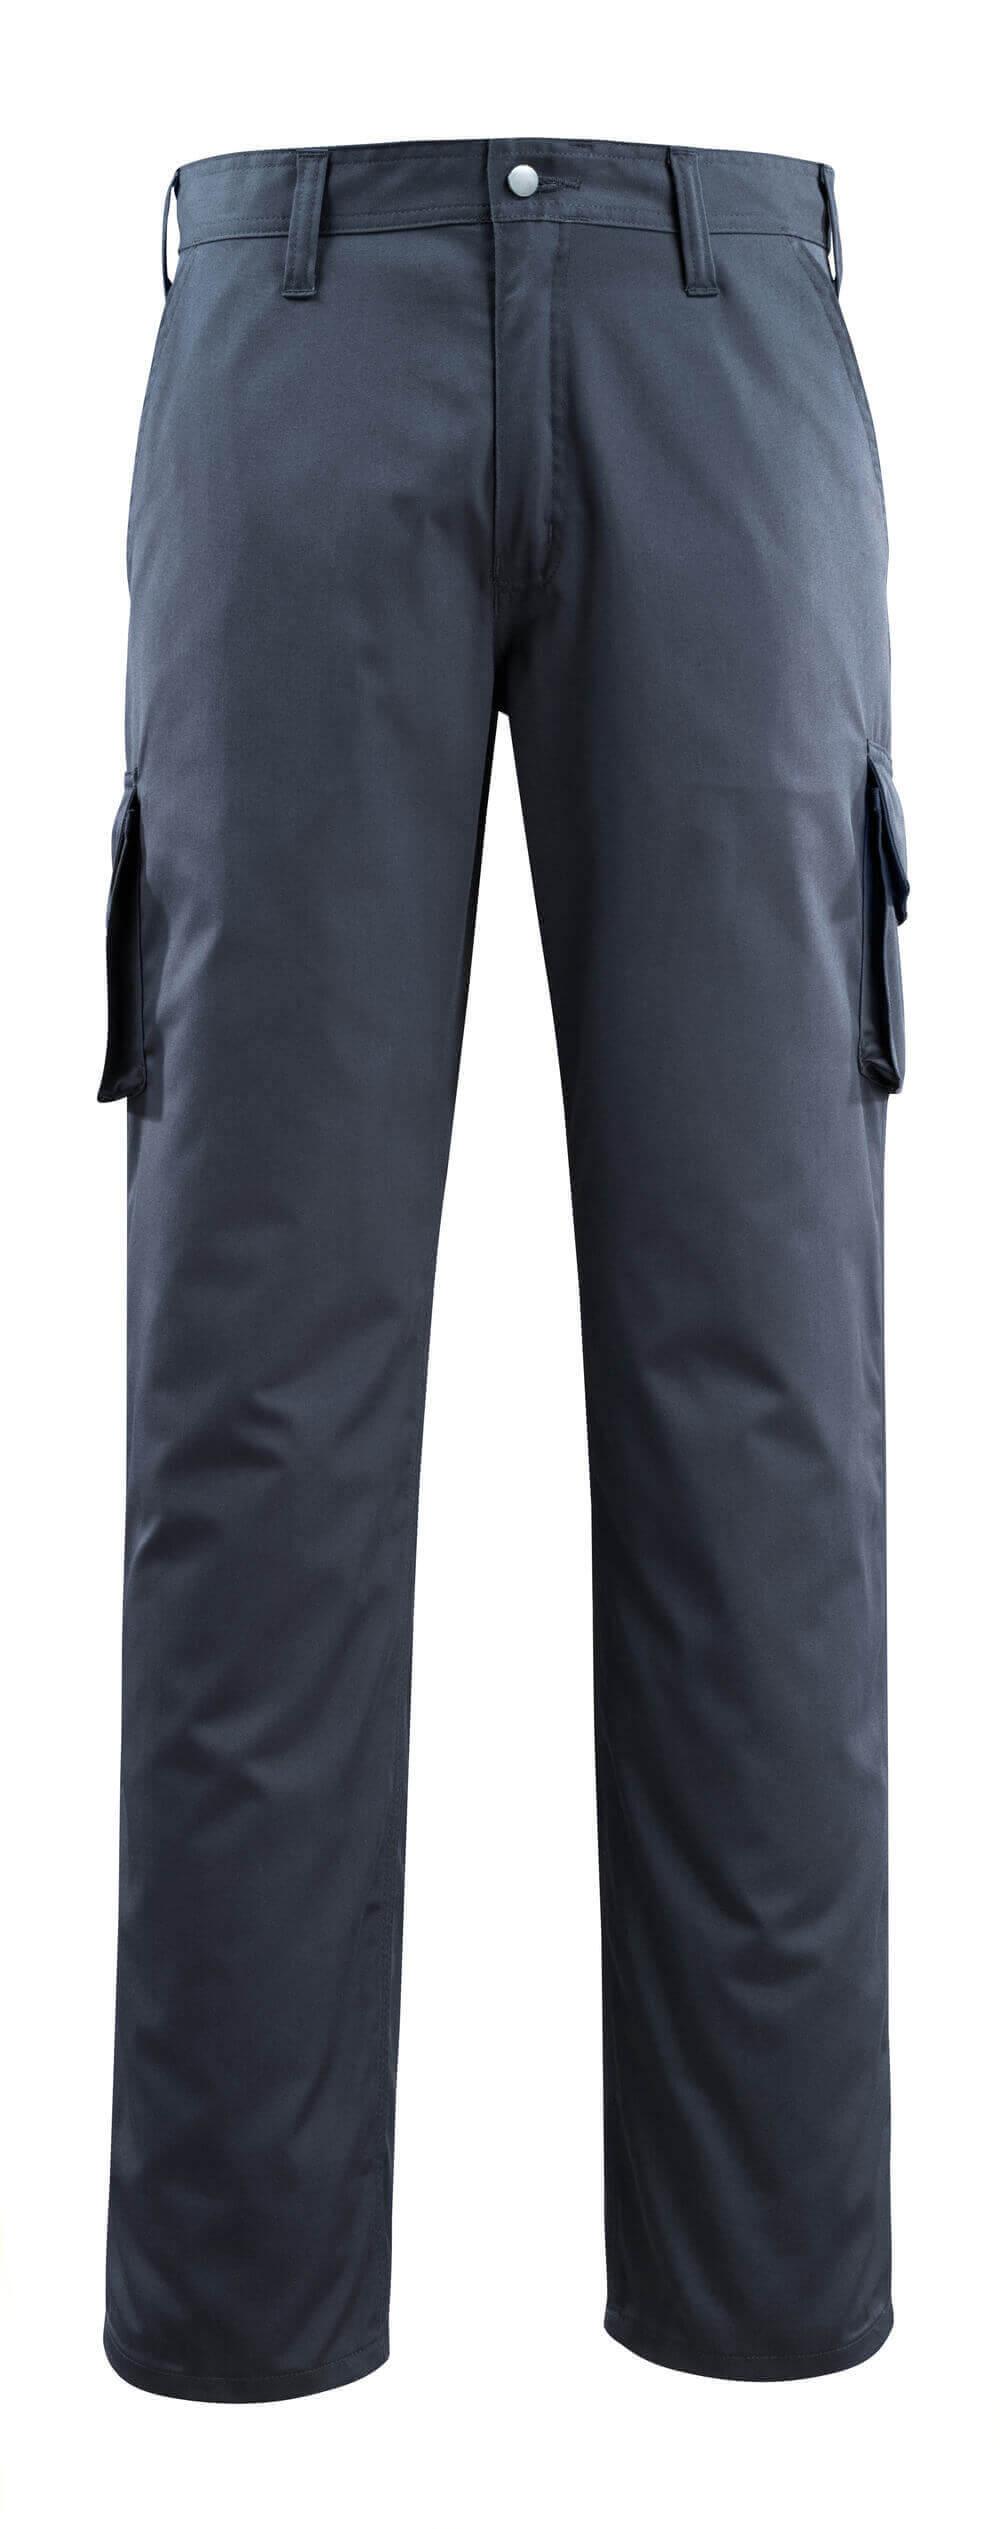 14779-850-010 Pantalon avec poches cuisse - Marine foncé